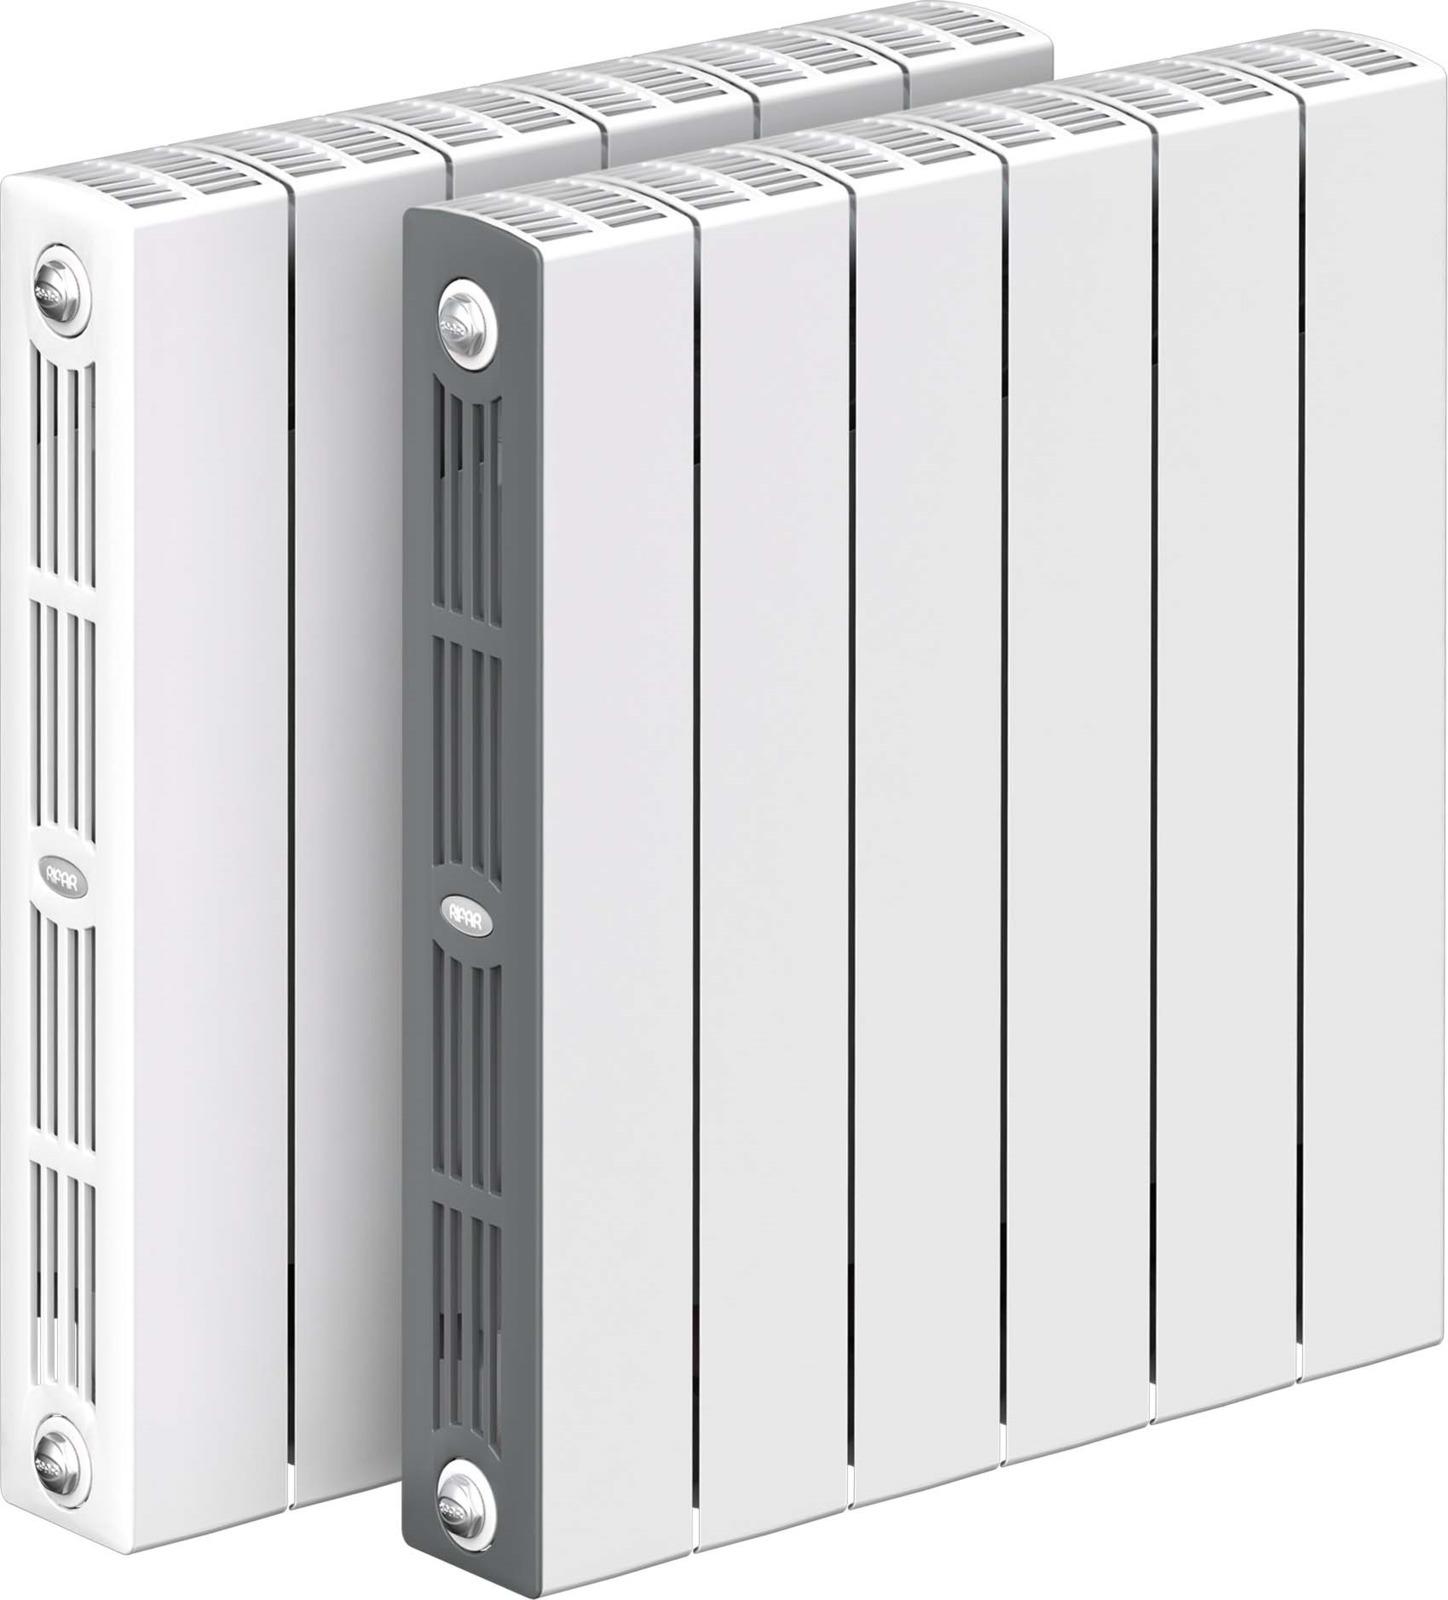 Секционный радиатор Rifar Supremo 500, биметаллический, RIFAR S 500-5, белый, 5 секций цена